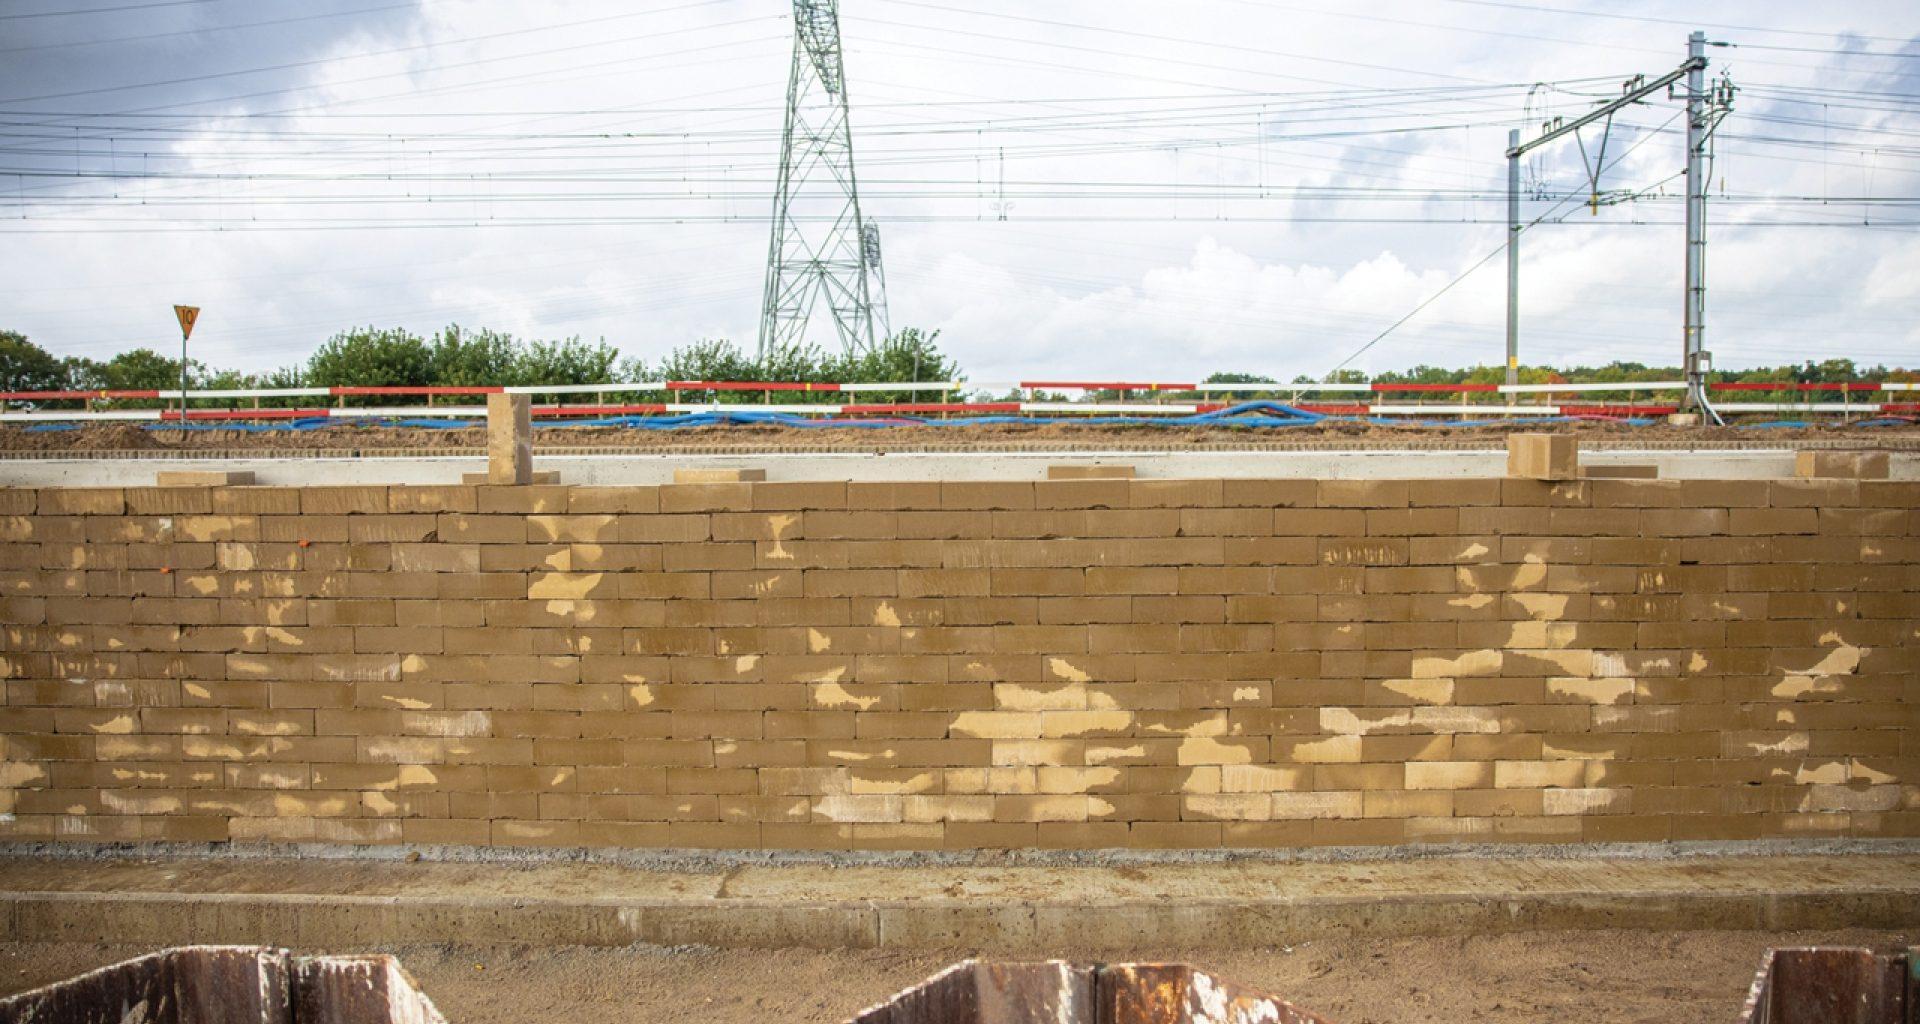 Toepassing van gerecyclede stenen gemaakt van bagger uit de bouwput in onderdoorgang tussen Zwolle en Herfte 96dpi 1280x854px E NR 13924